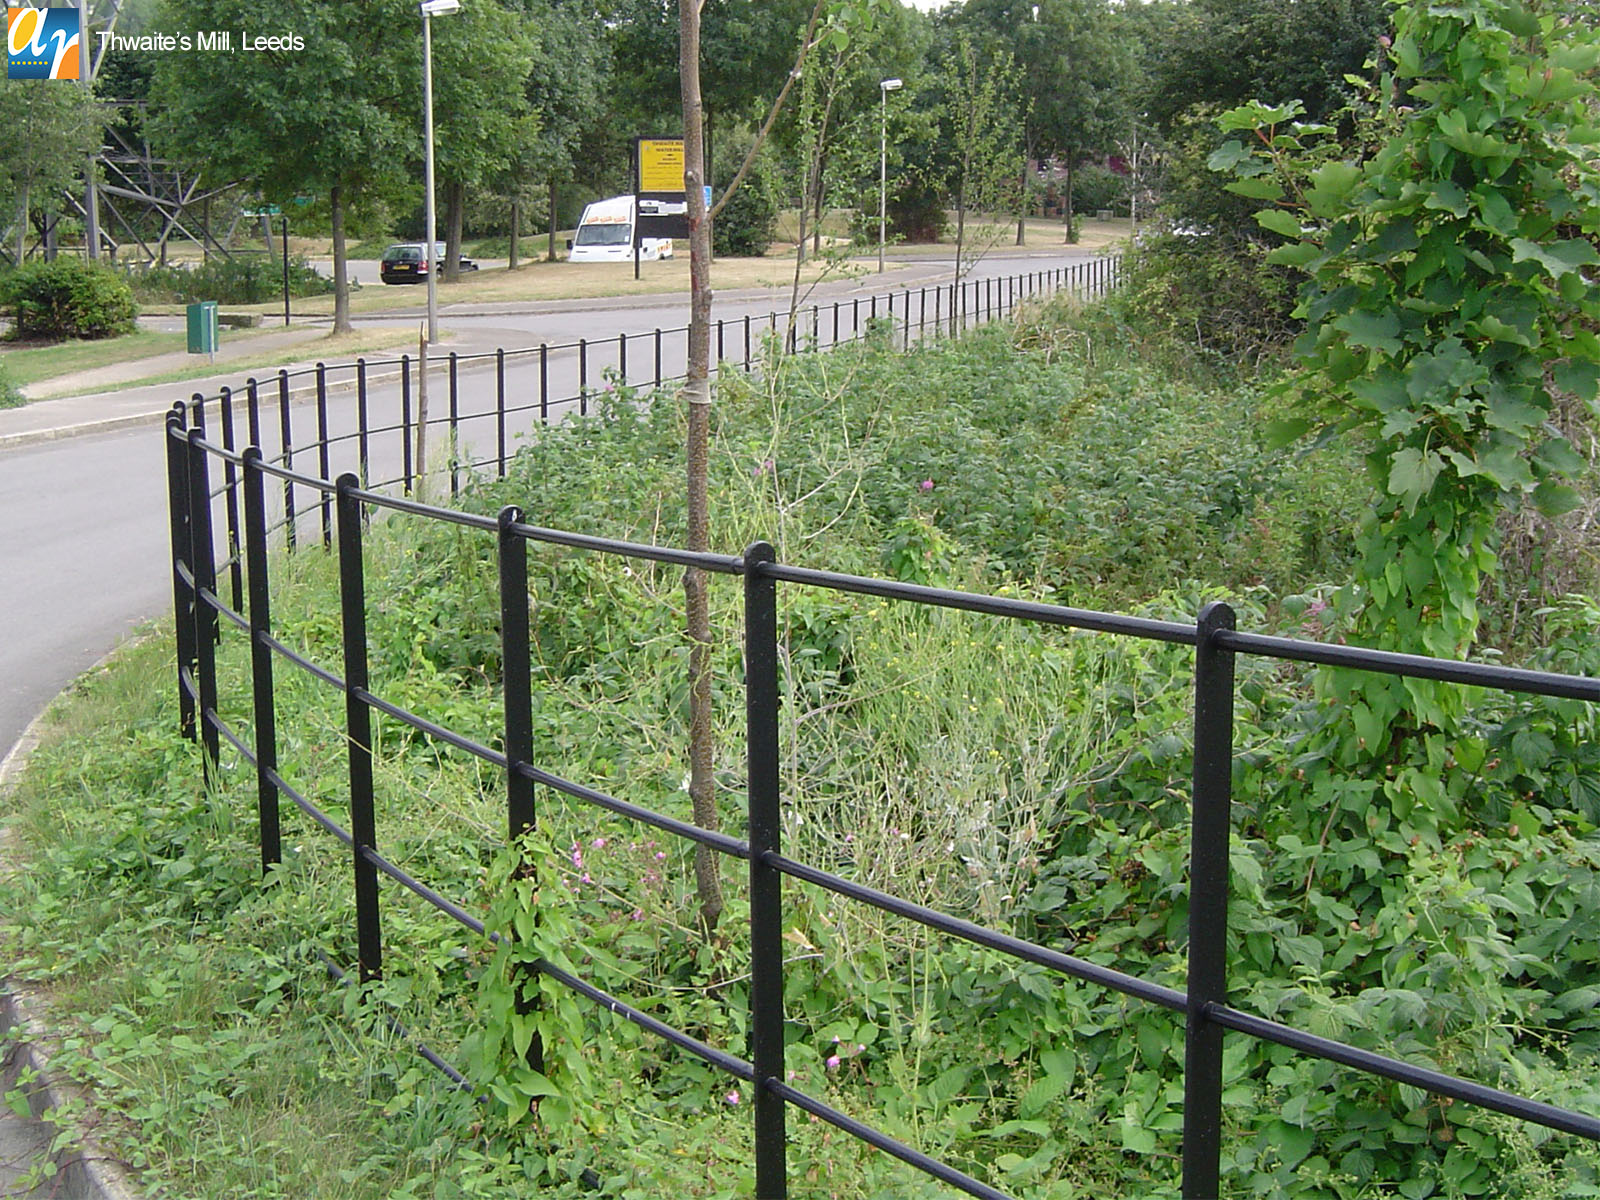 Thwaite's Mill Estate Rail